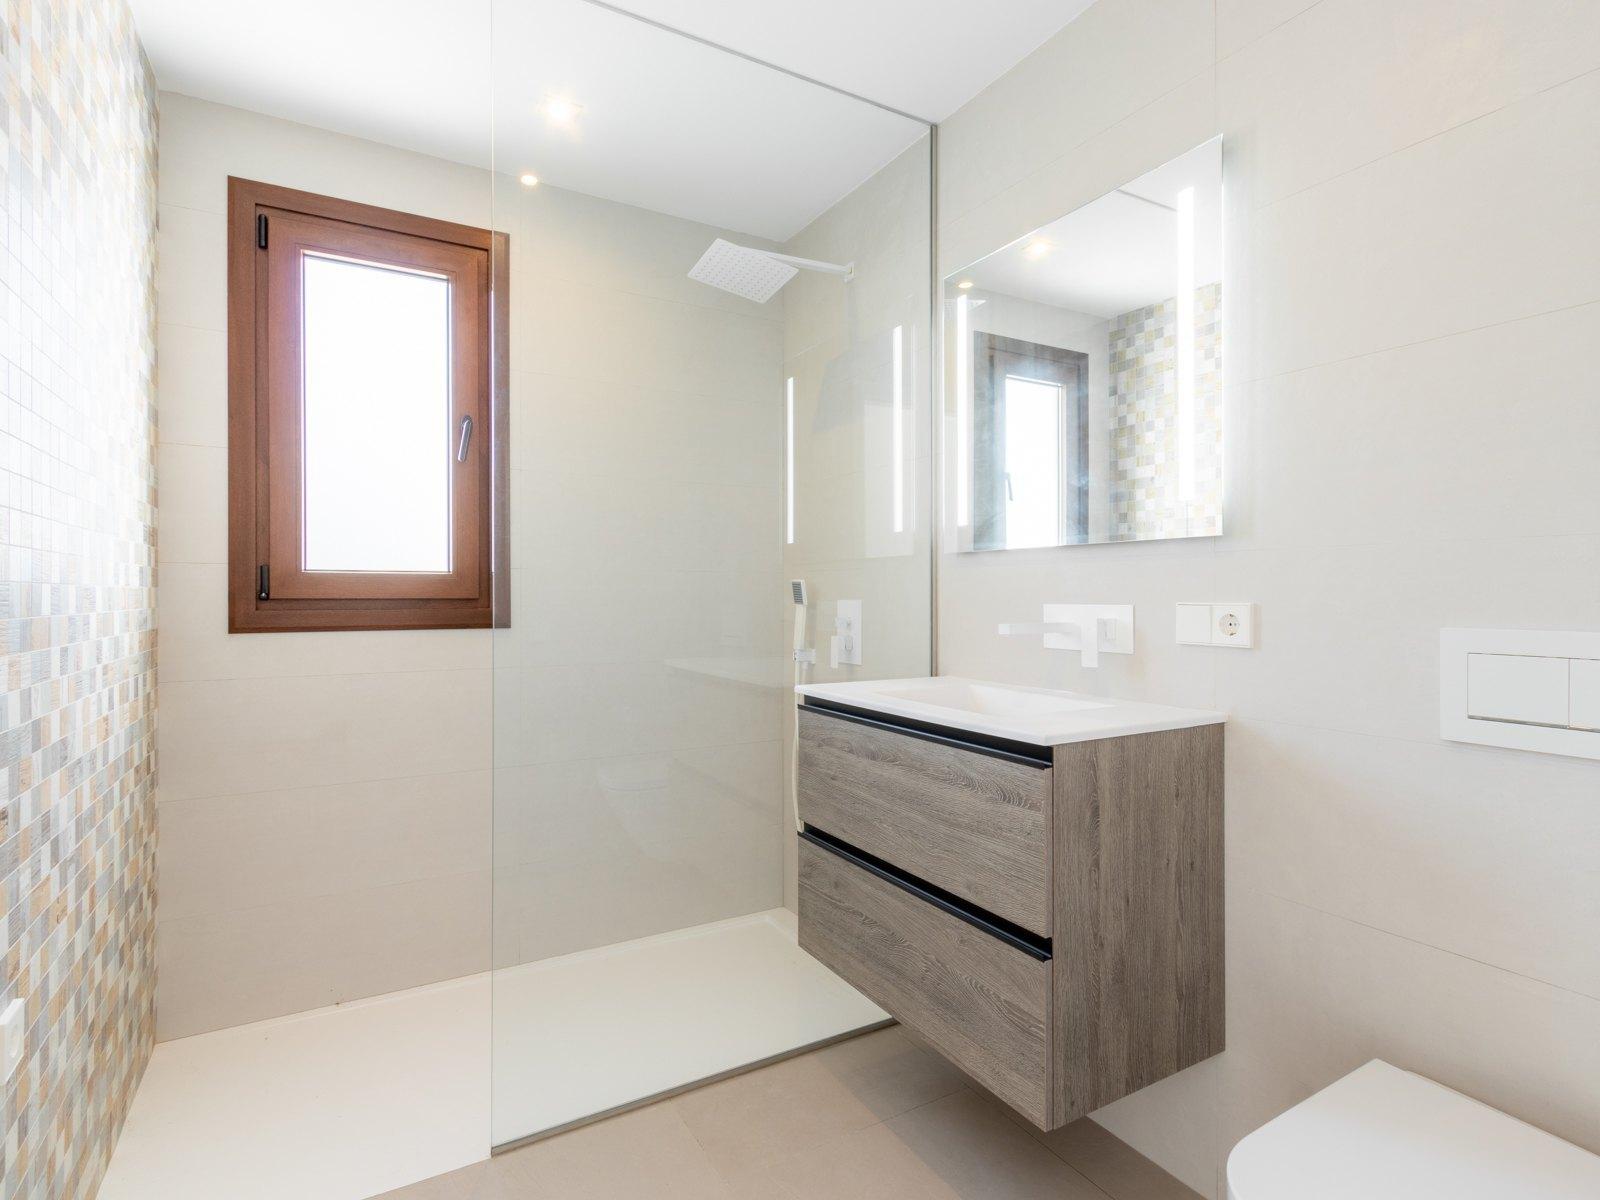 Fotogalería - 16 - Olea-Home | Real Estate en Orba y Teulada-Moraira |